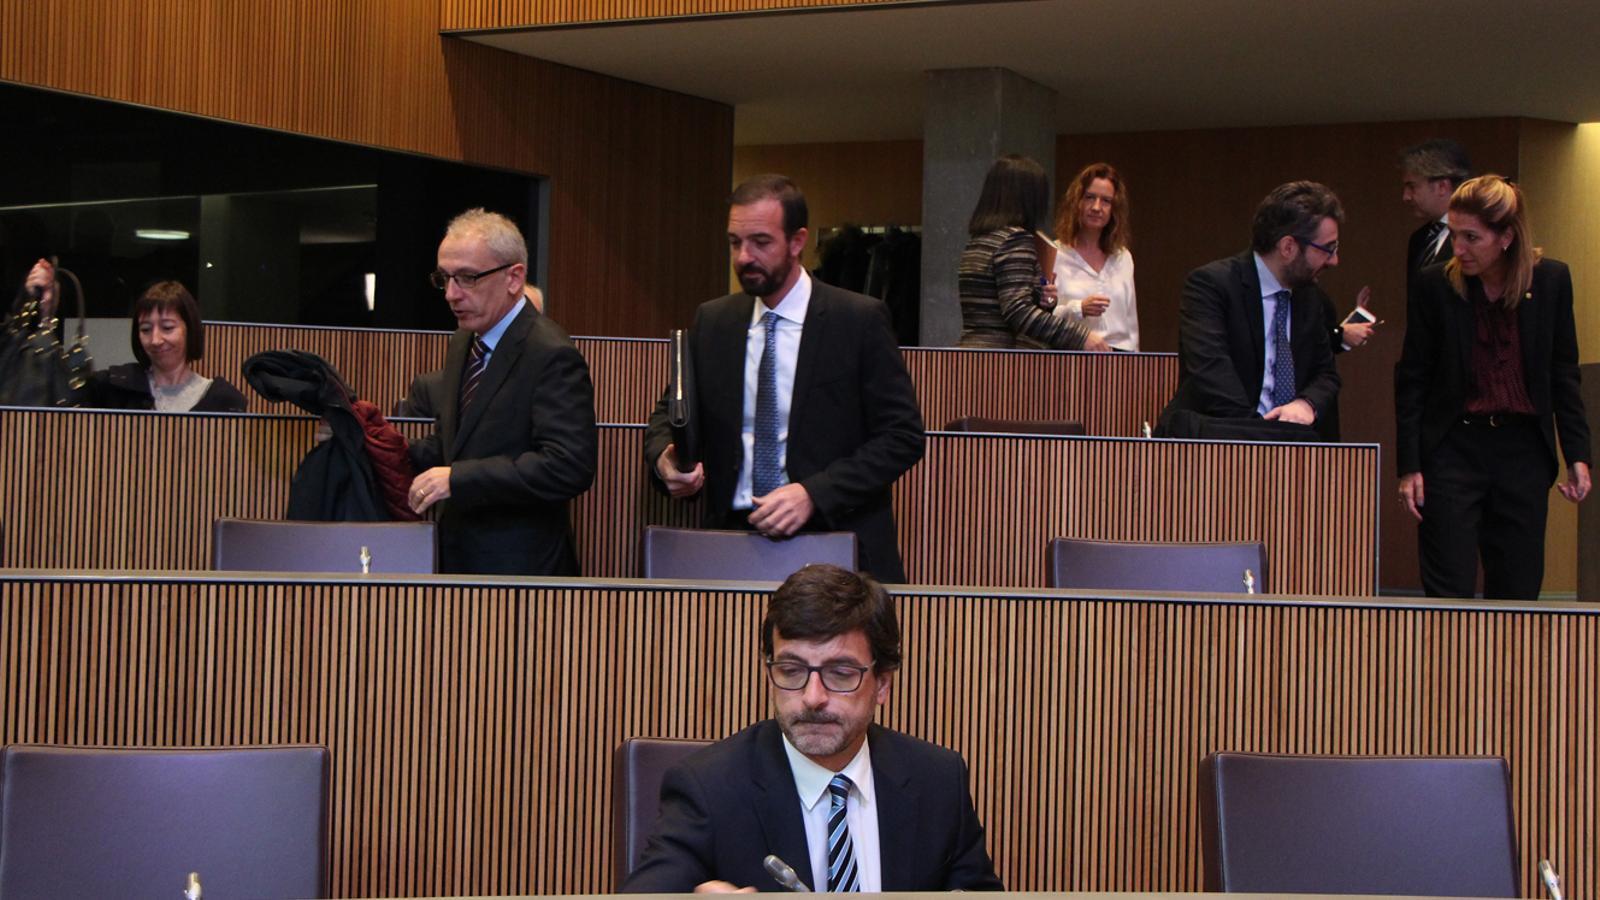 El ministre de Finances, Jordi Cinca, durant la sessió de Consell General. / M. F. (ANA)